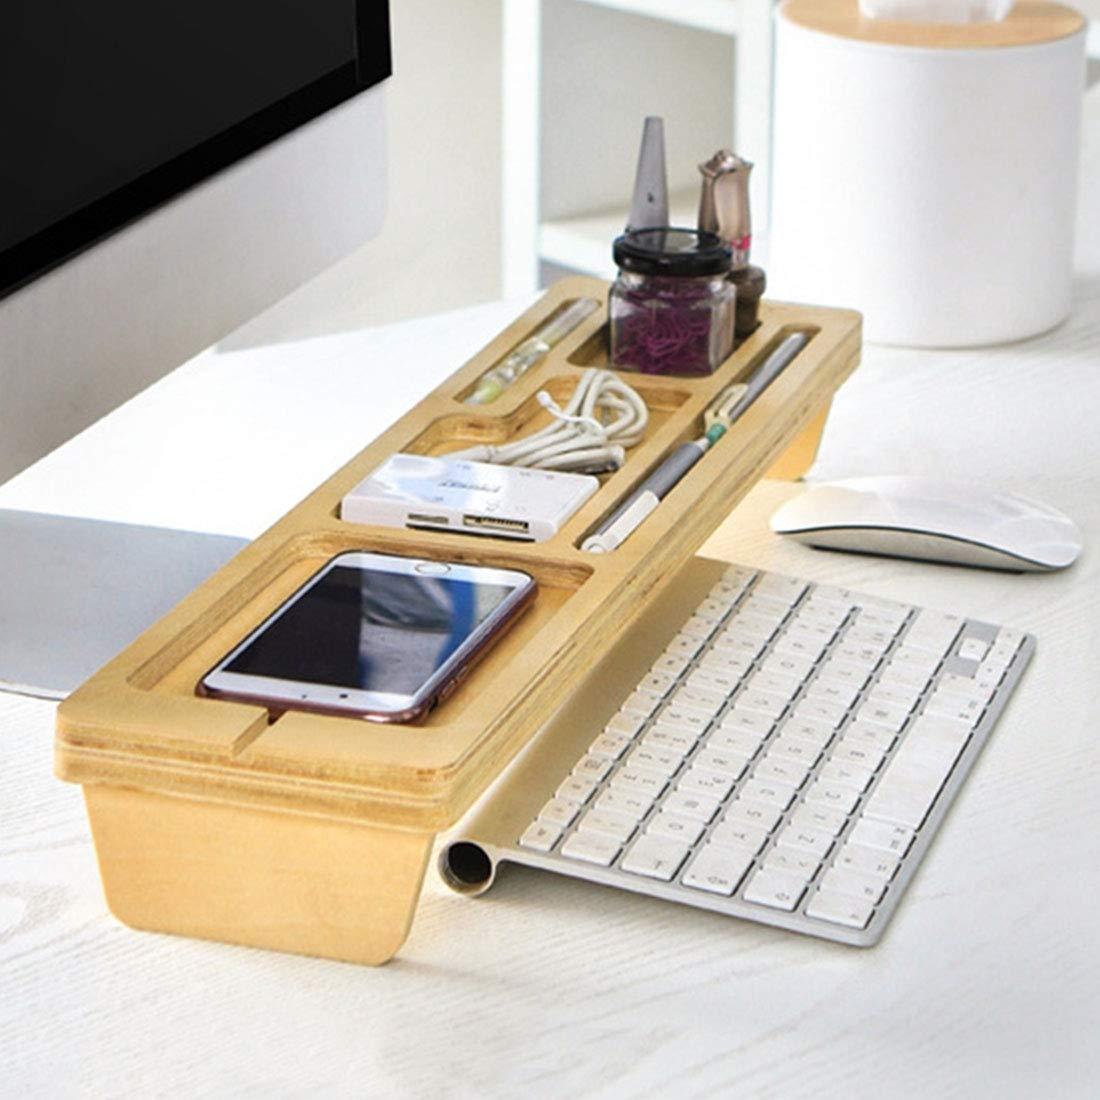 Lanbinxiang@ Multifunktionale Aufbewahrungsbox für Computer-Tastatur aus Birke, Größe 52 x 12 x 4 cm, Material  Holz